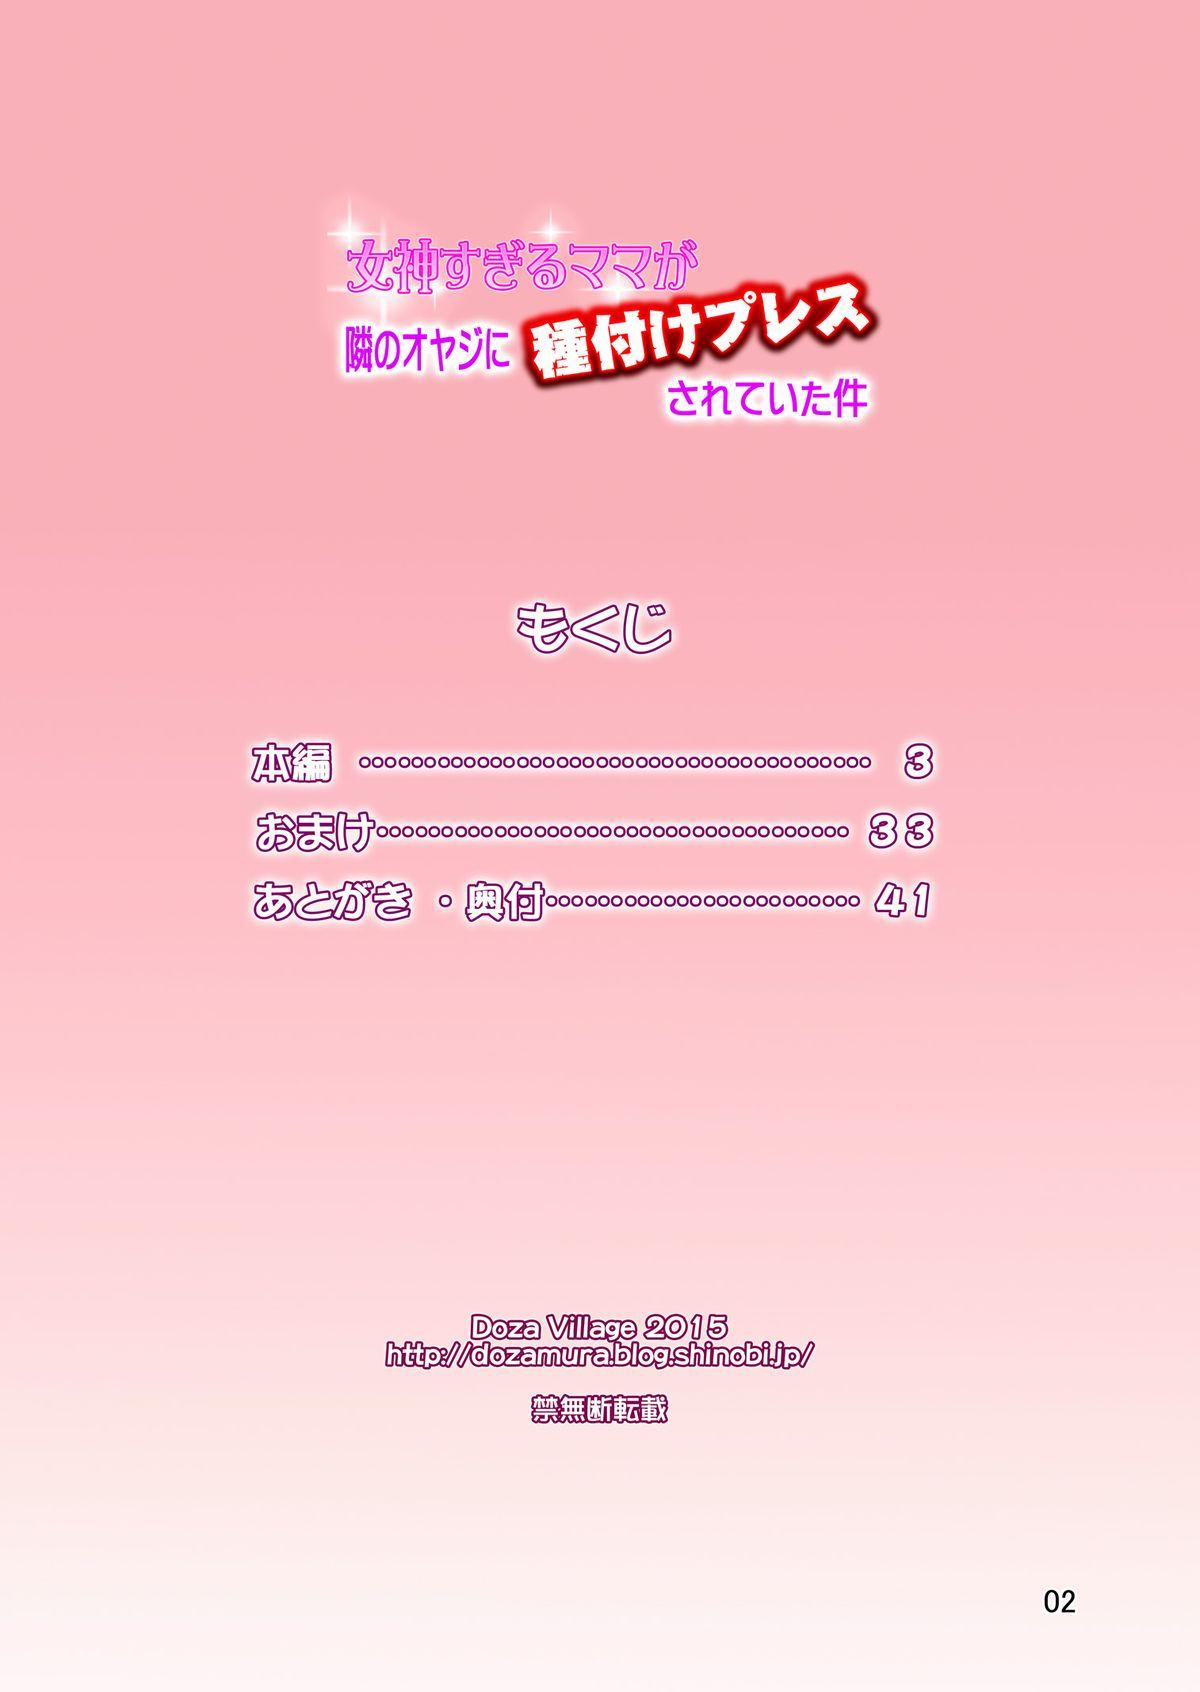 Megami Sugiru Mama ga Tonari no Oyaji ni Tanetsuke Press Sareteita Ken | Mama Was Too Divine So Our Neighbor Did The Mating Press On Her 1